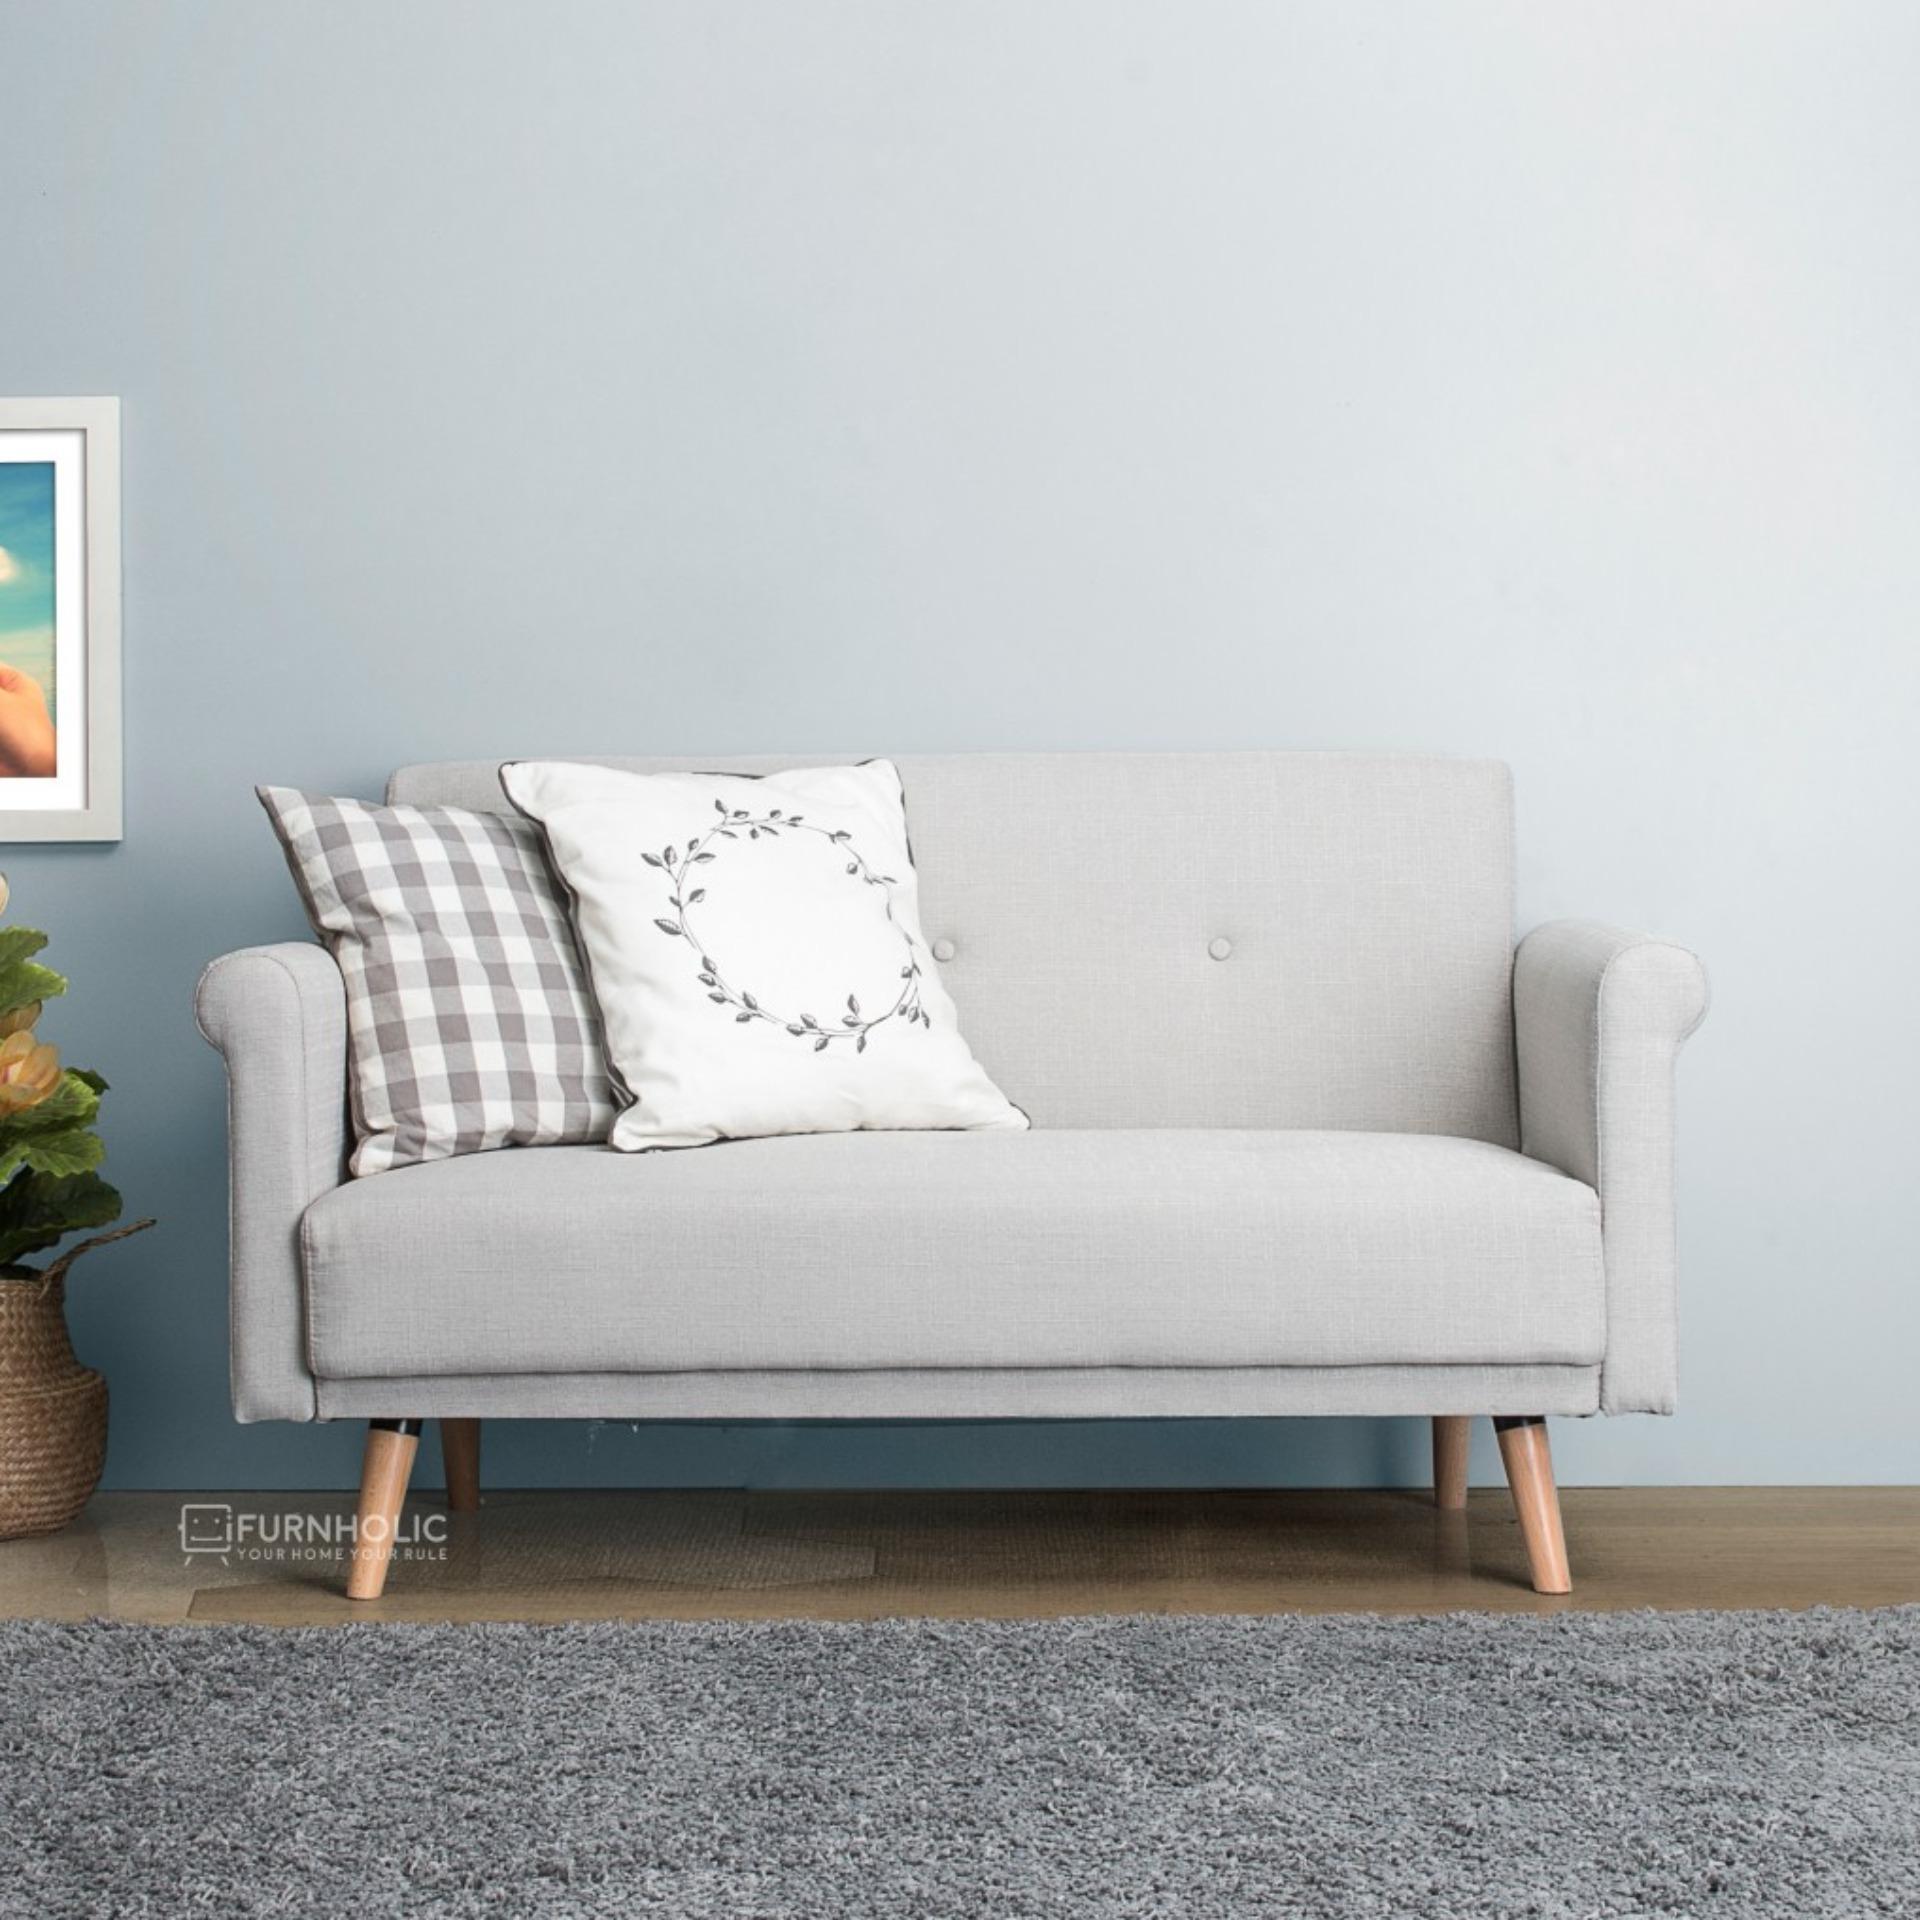 iFurnholic Mya Love Sofa - Kursi Sofa - Pale Grey - Gratis Pengiriman Pulau Jawa dan Denpasar